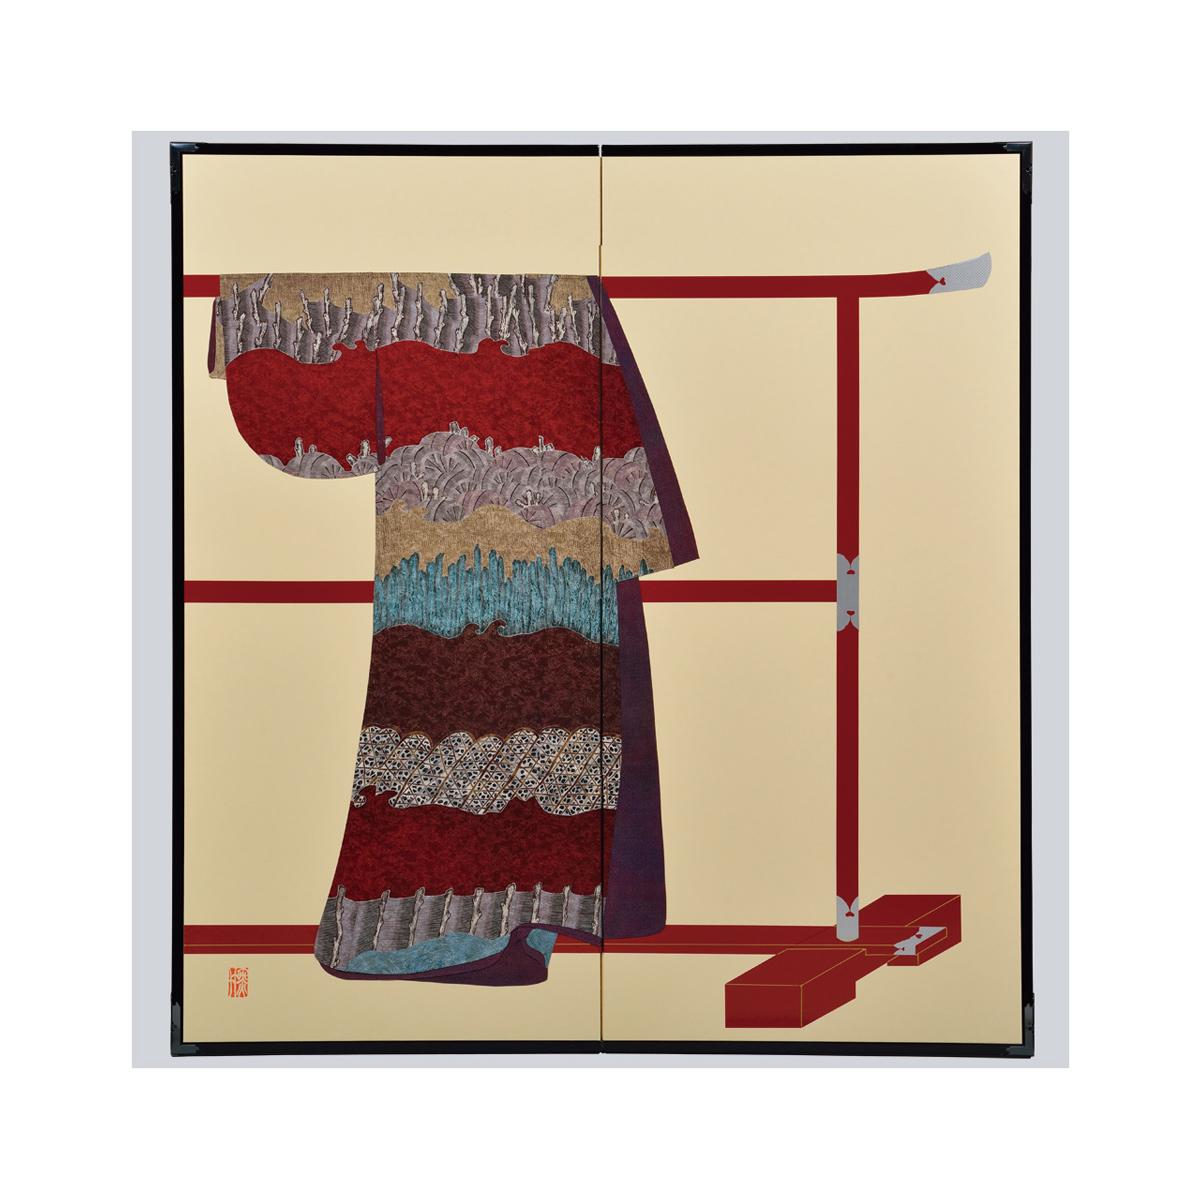 蛇籠杭模様・鳥の子・たが袖元禄小袖復元屏風・黒竹節人プロデュース ・京都くろちく